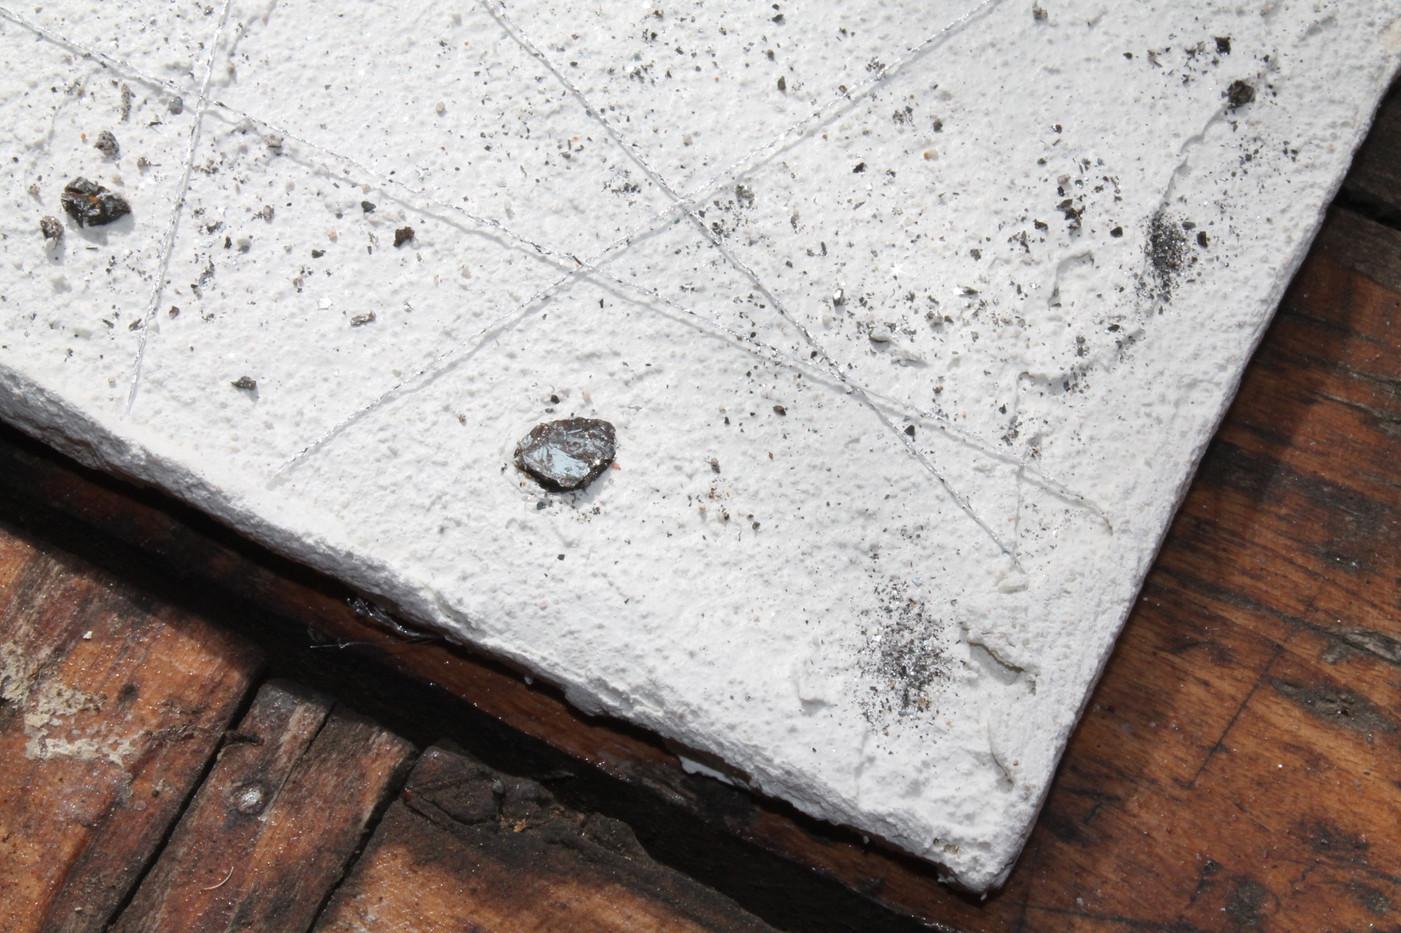 dettaglio sottopiatto con minerali